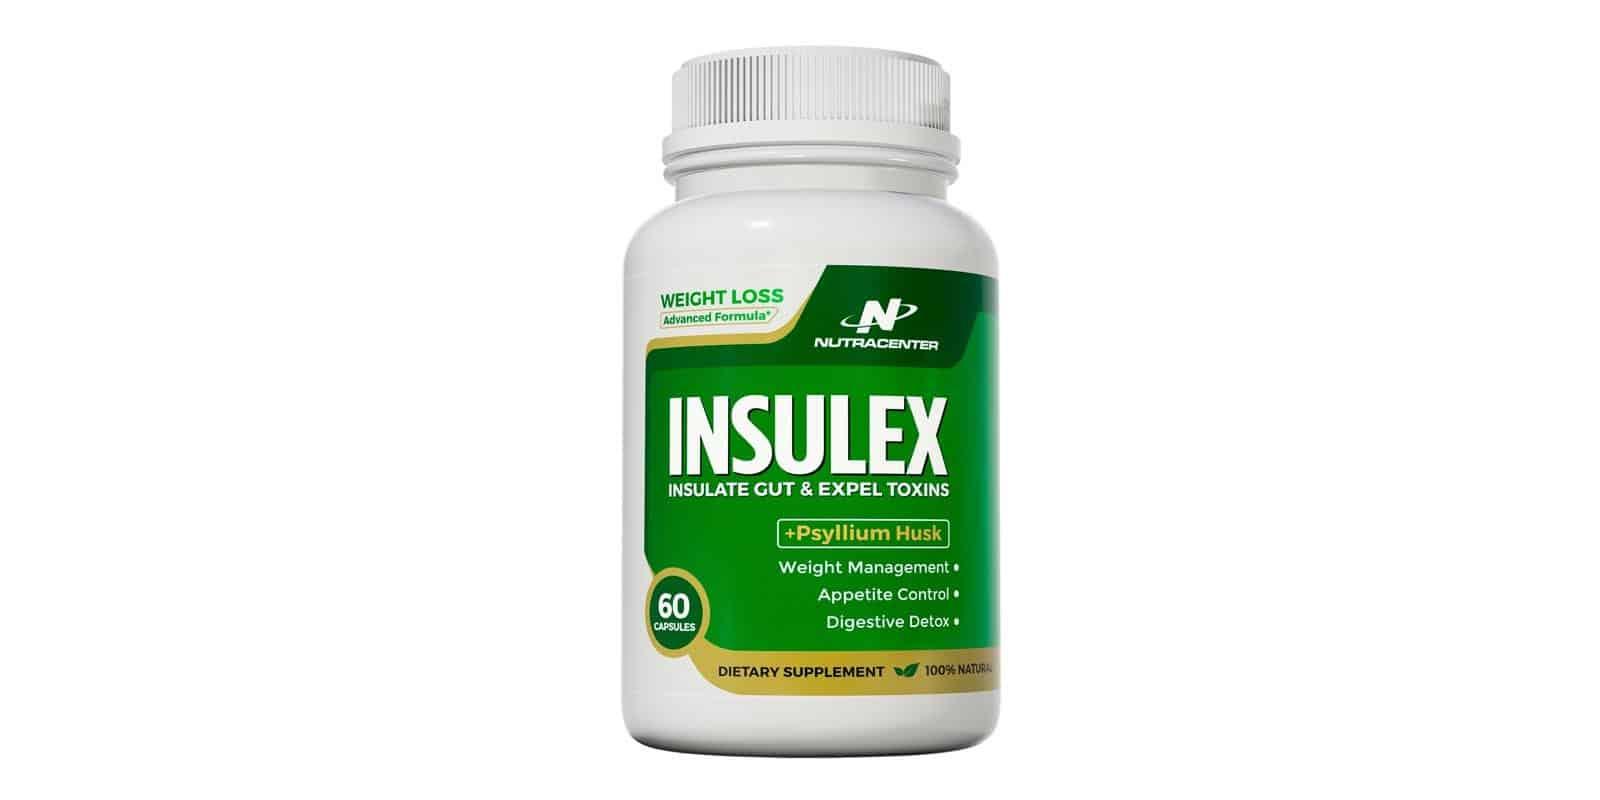 Insulex Reviews